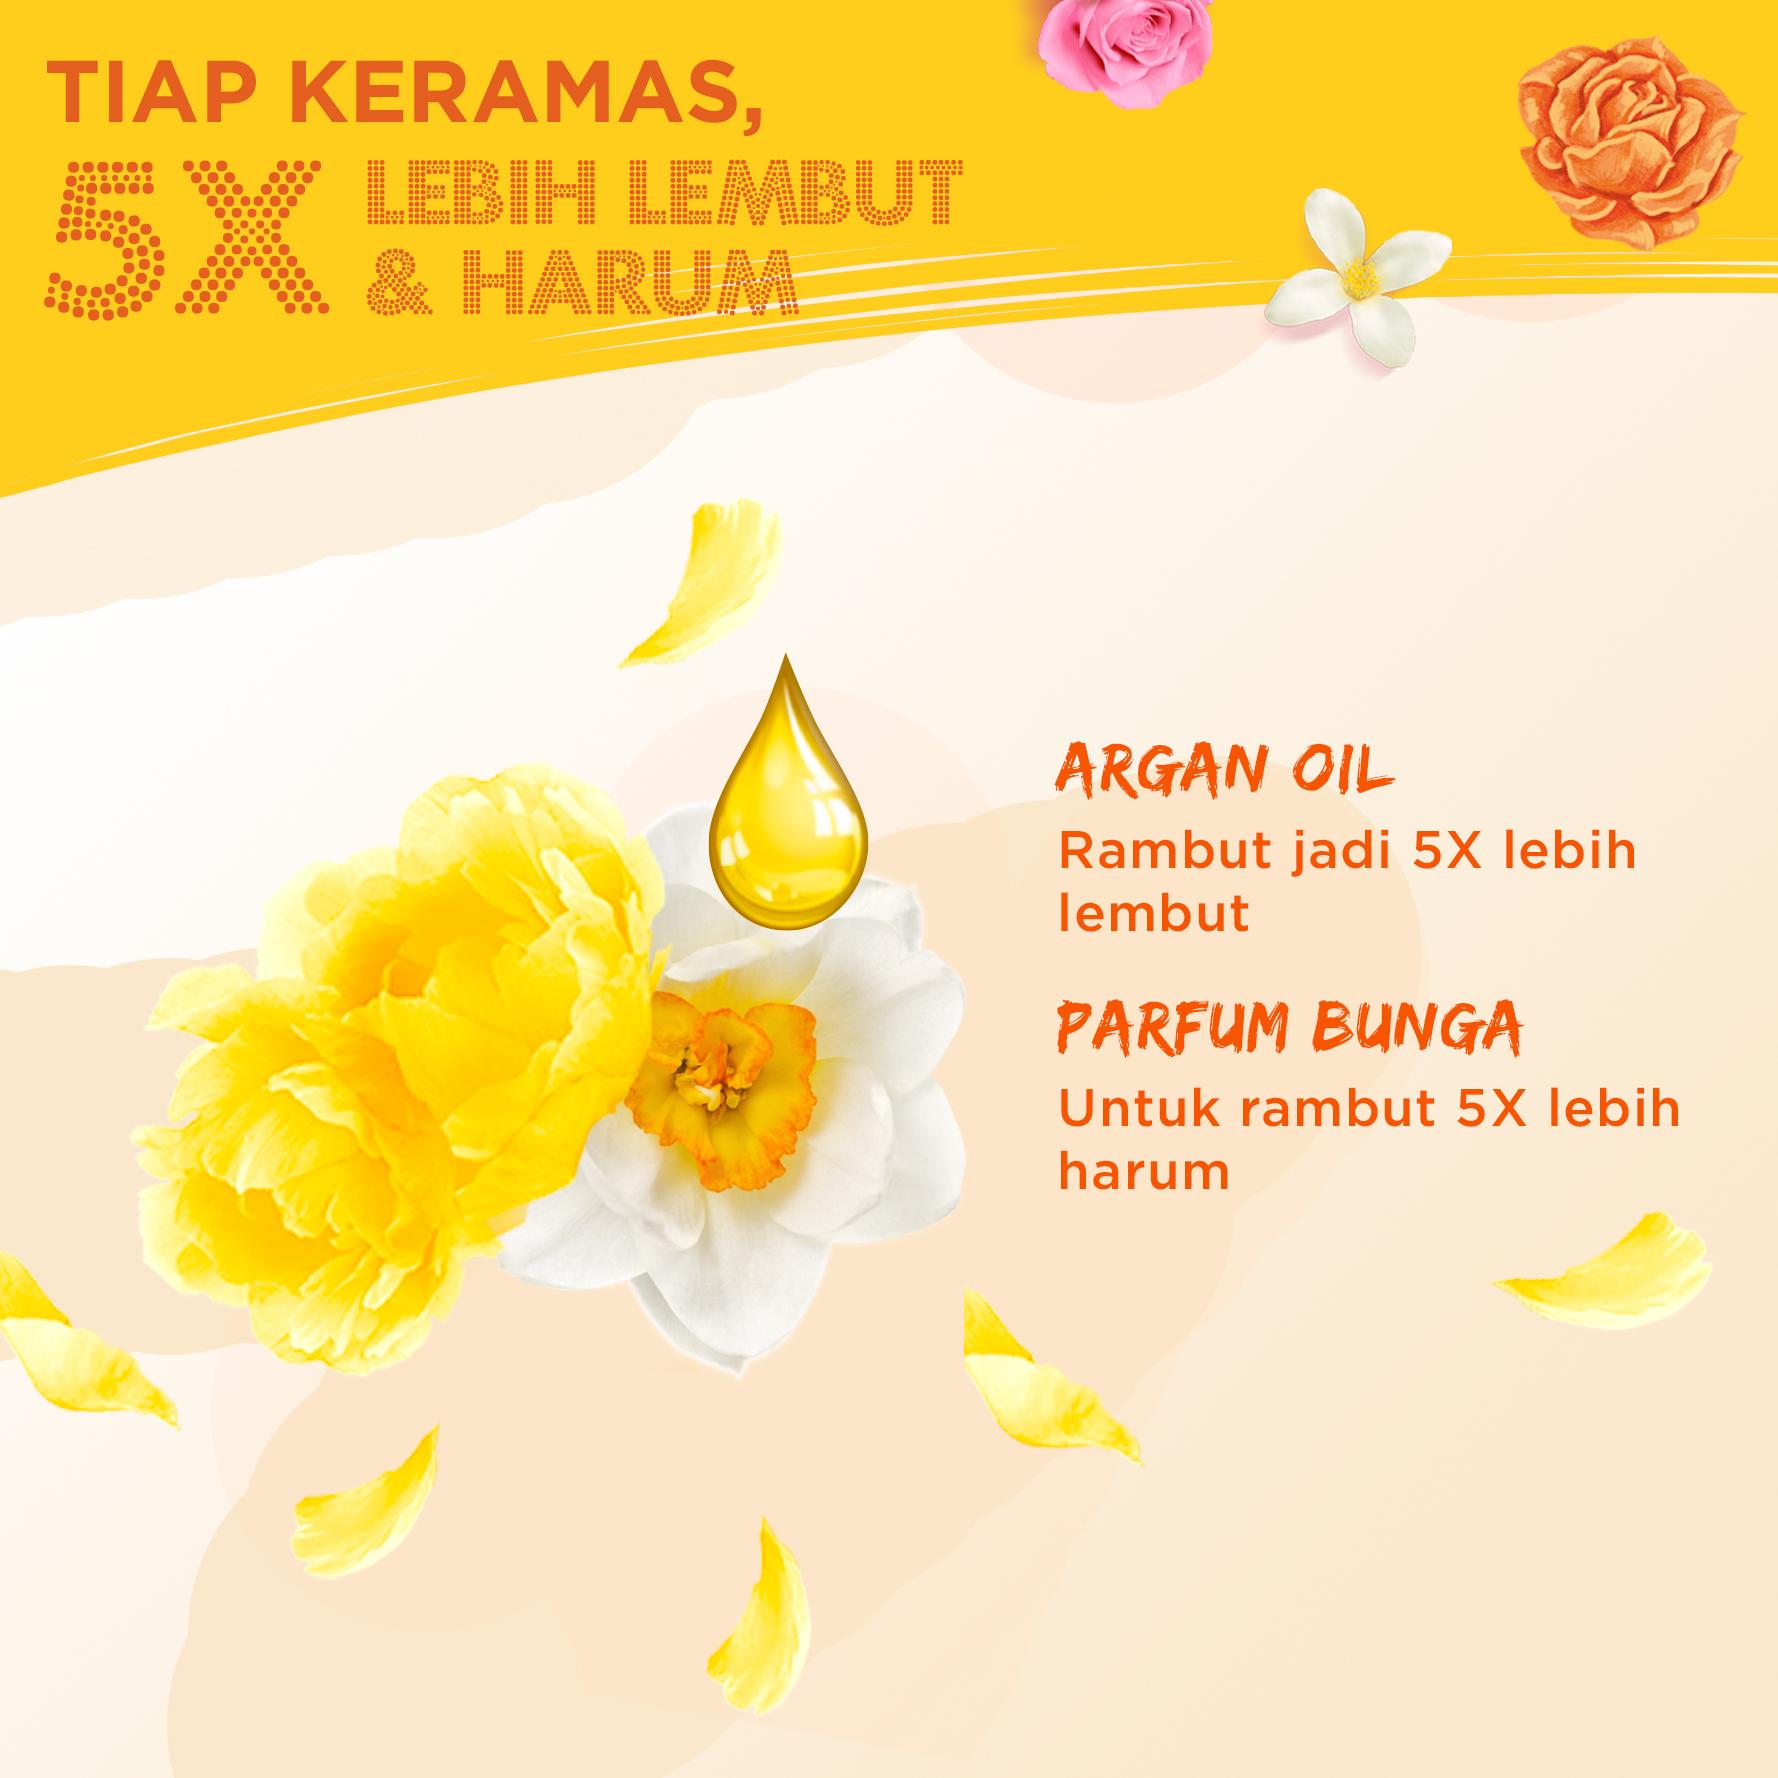 Sunsilk Shampoo Soft And Smooth 680 Ml - Shampo Rambut Halus, Shampo Pelembut Rambut-2